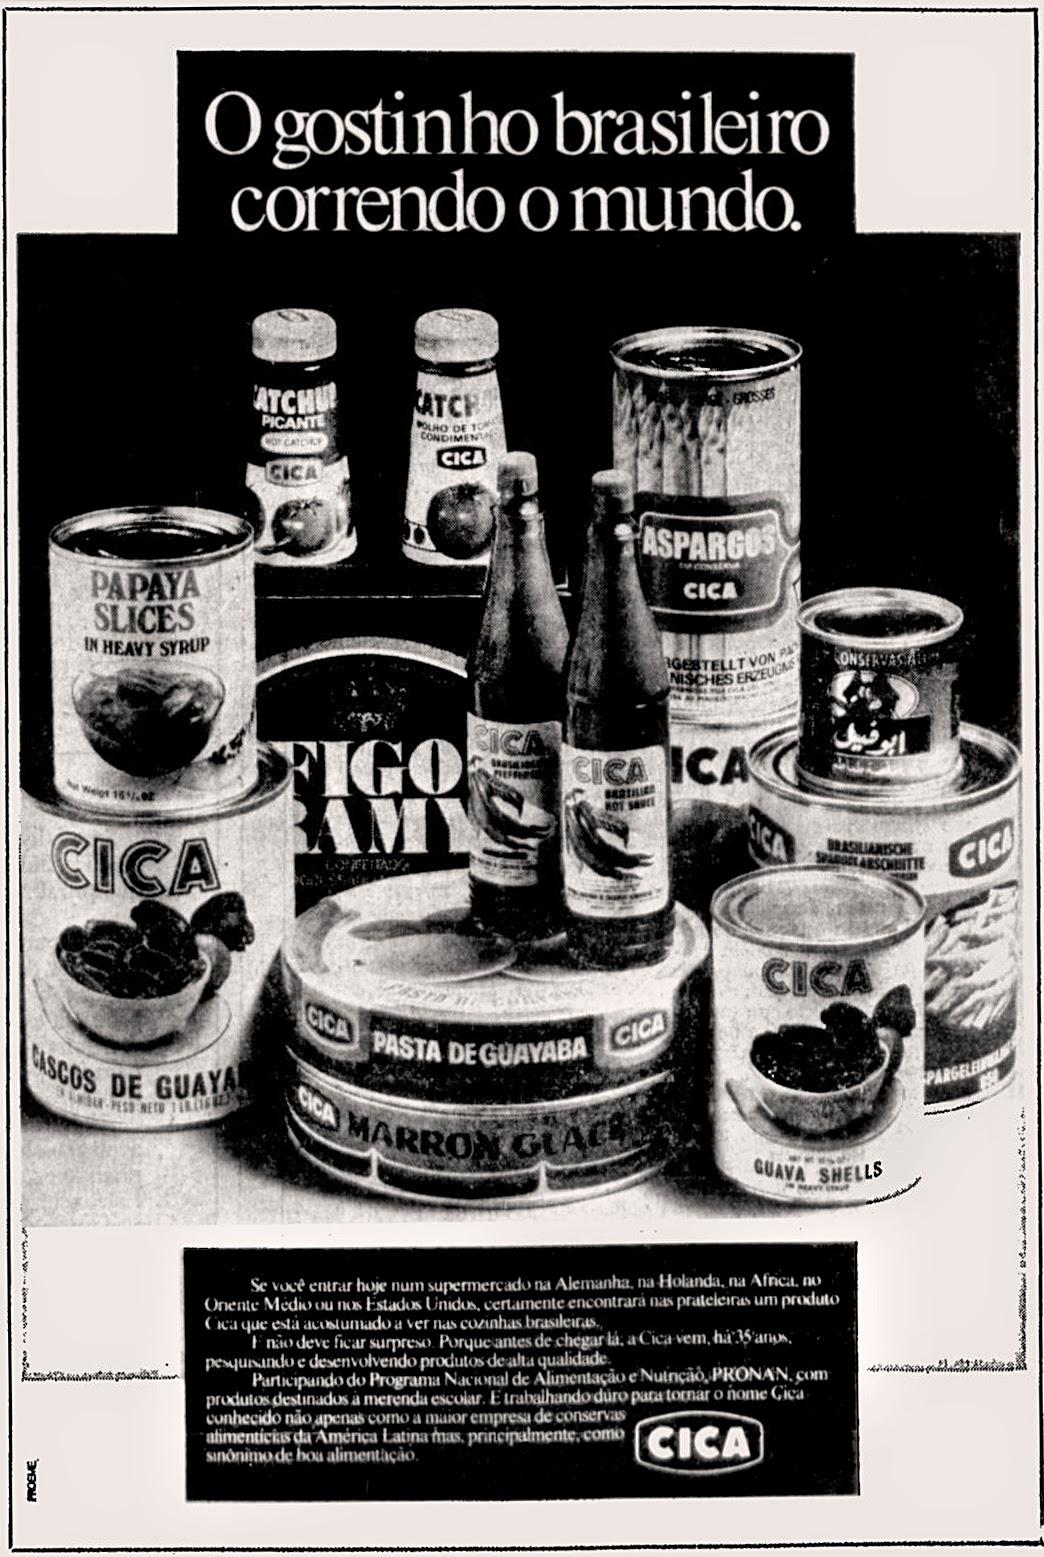 A linha de alimentos da Cica em uma campanha em 1976 mostrando seu alcance mundial de vendas